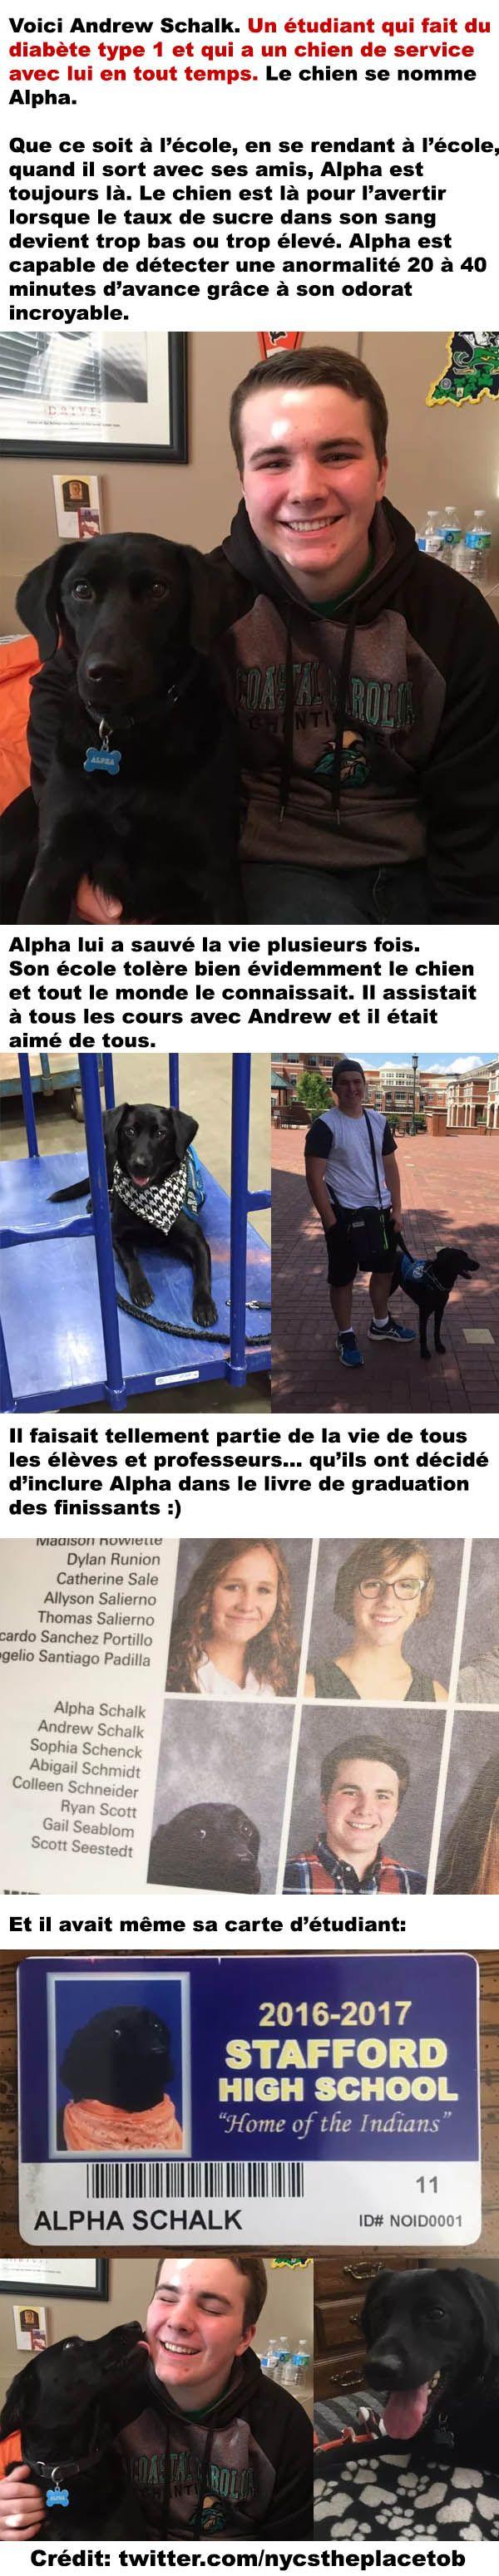 La magnifique histoire du chien de service Alpha - ConneriesQc